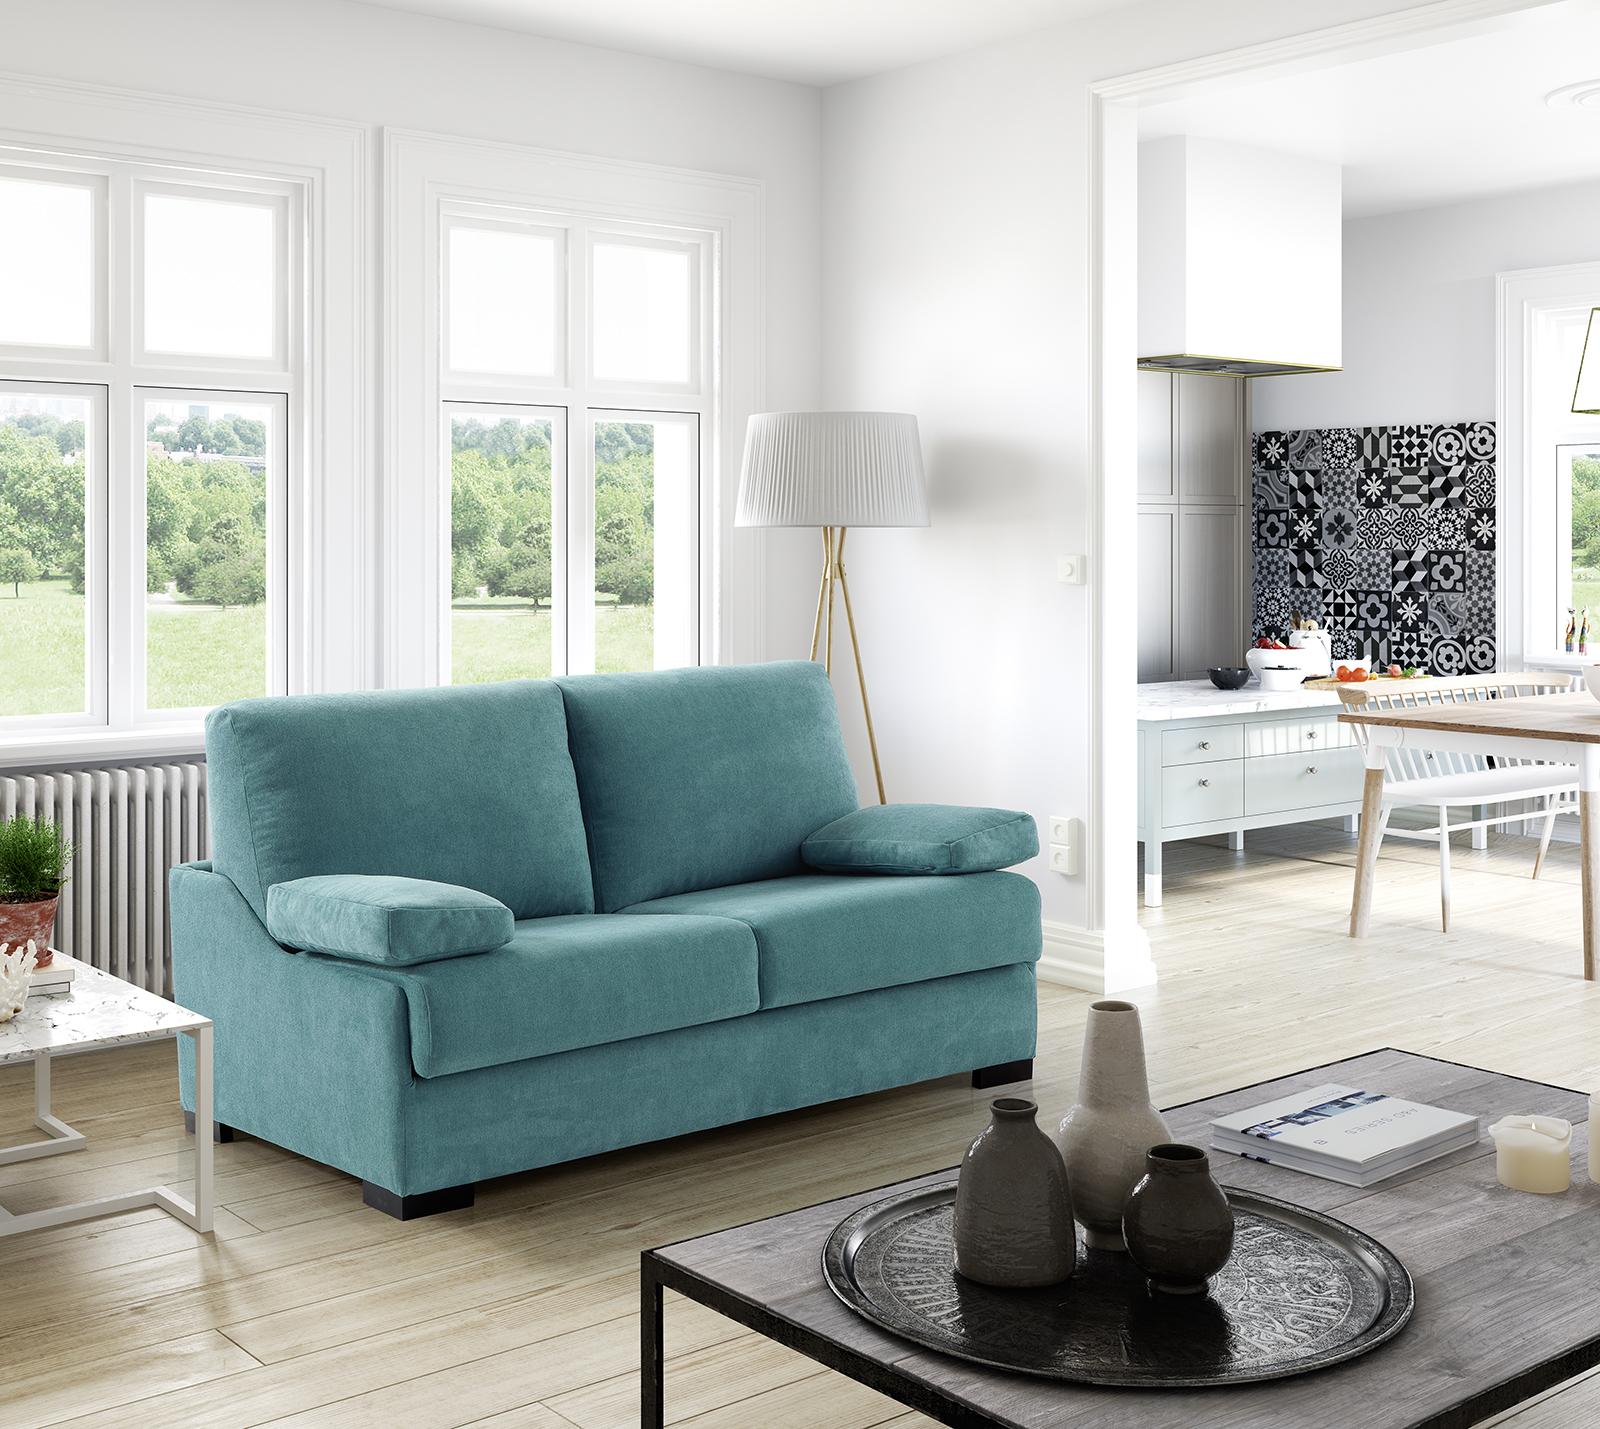 sofá cama modelo Topo